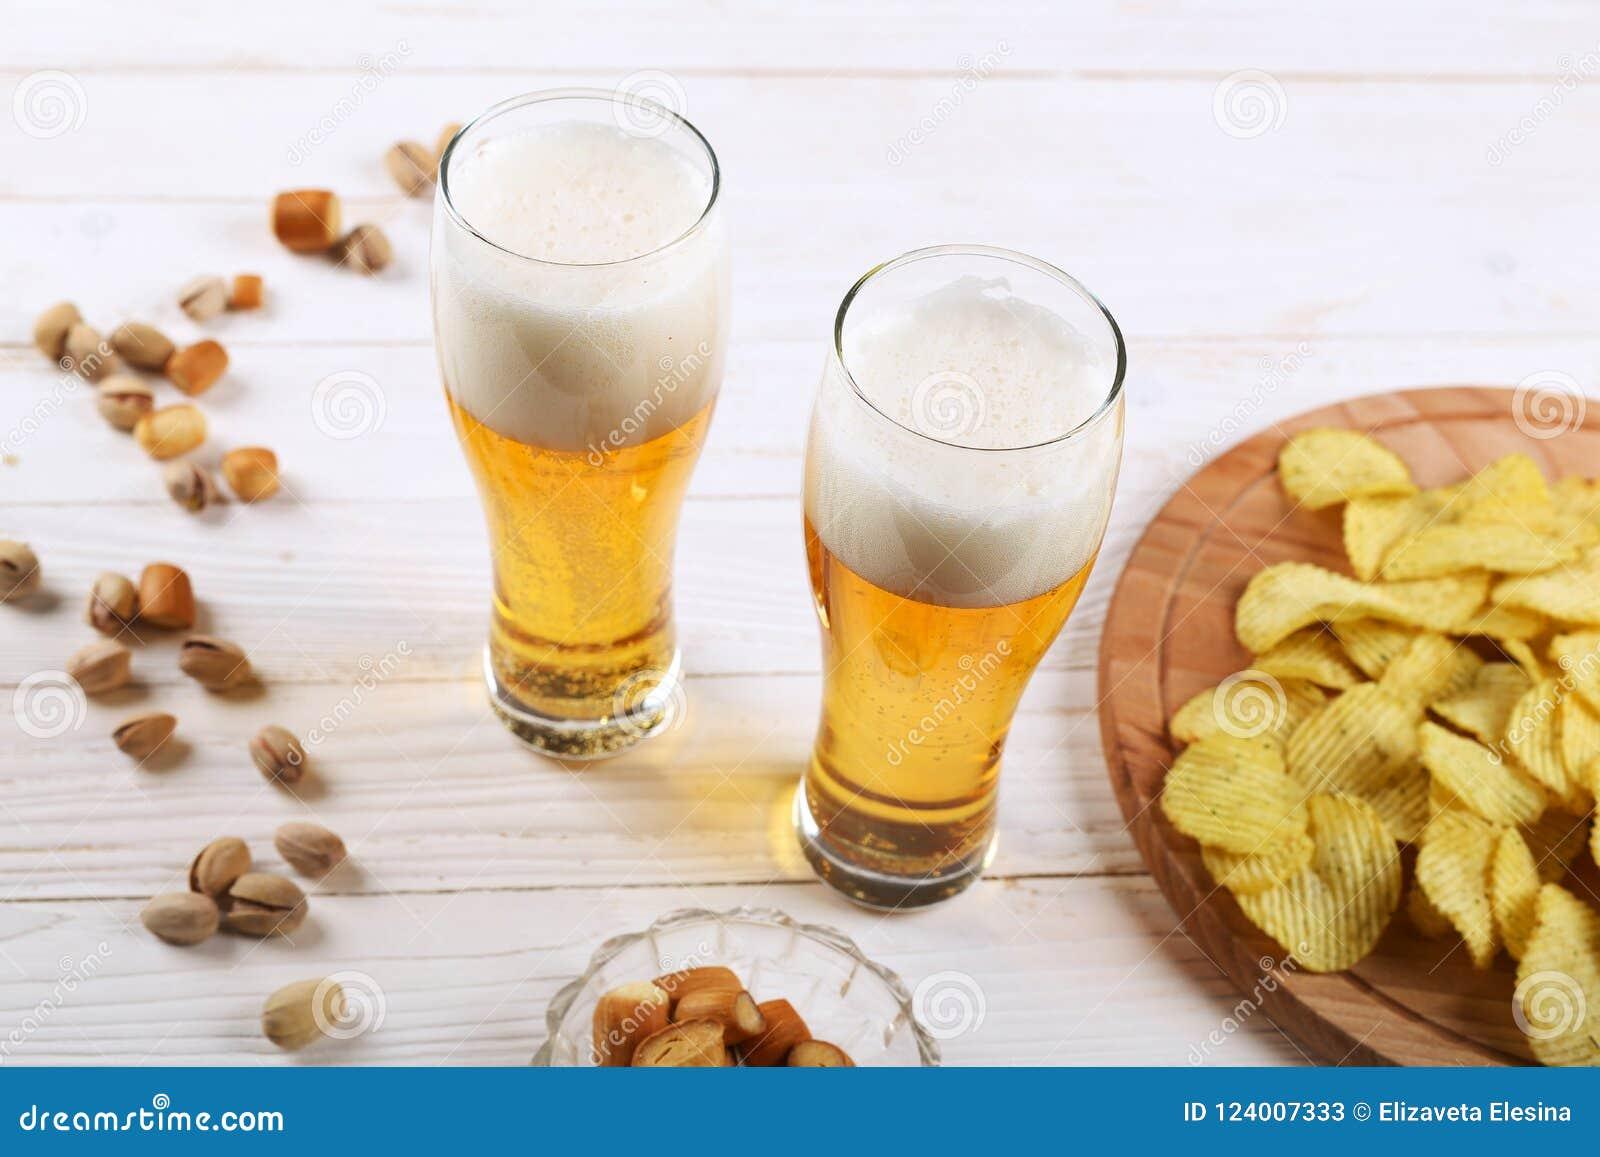 两杯啤酒和快餐在一张白色木桌上 芯片,开心果,干乳酪